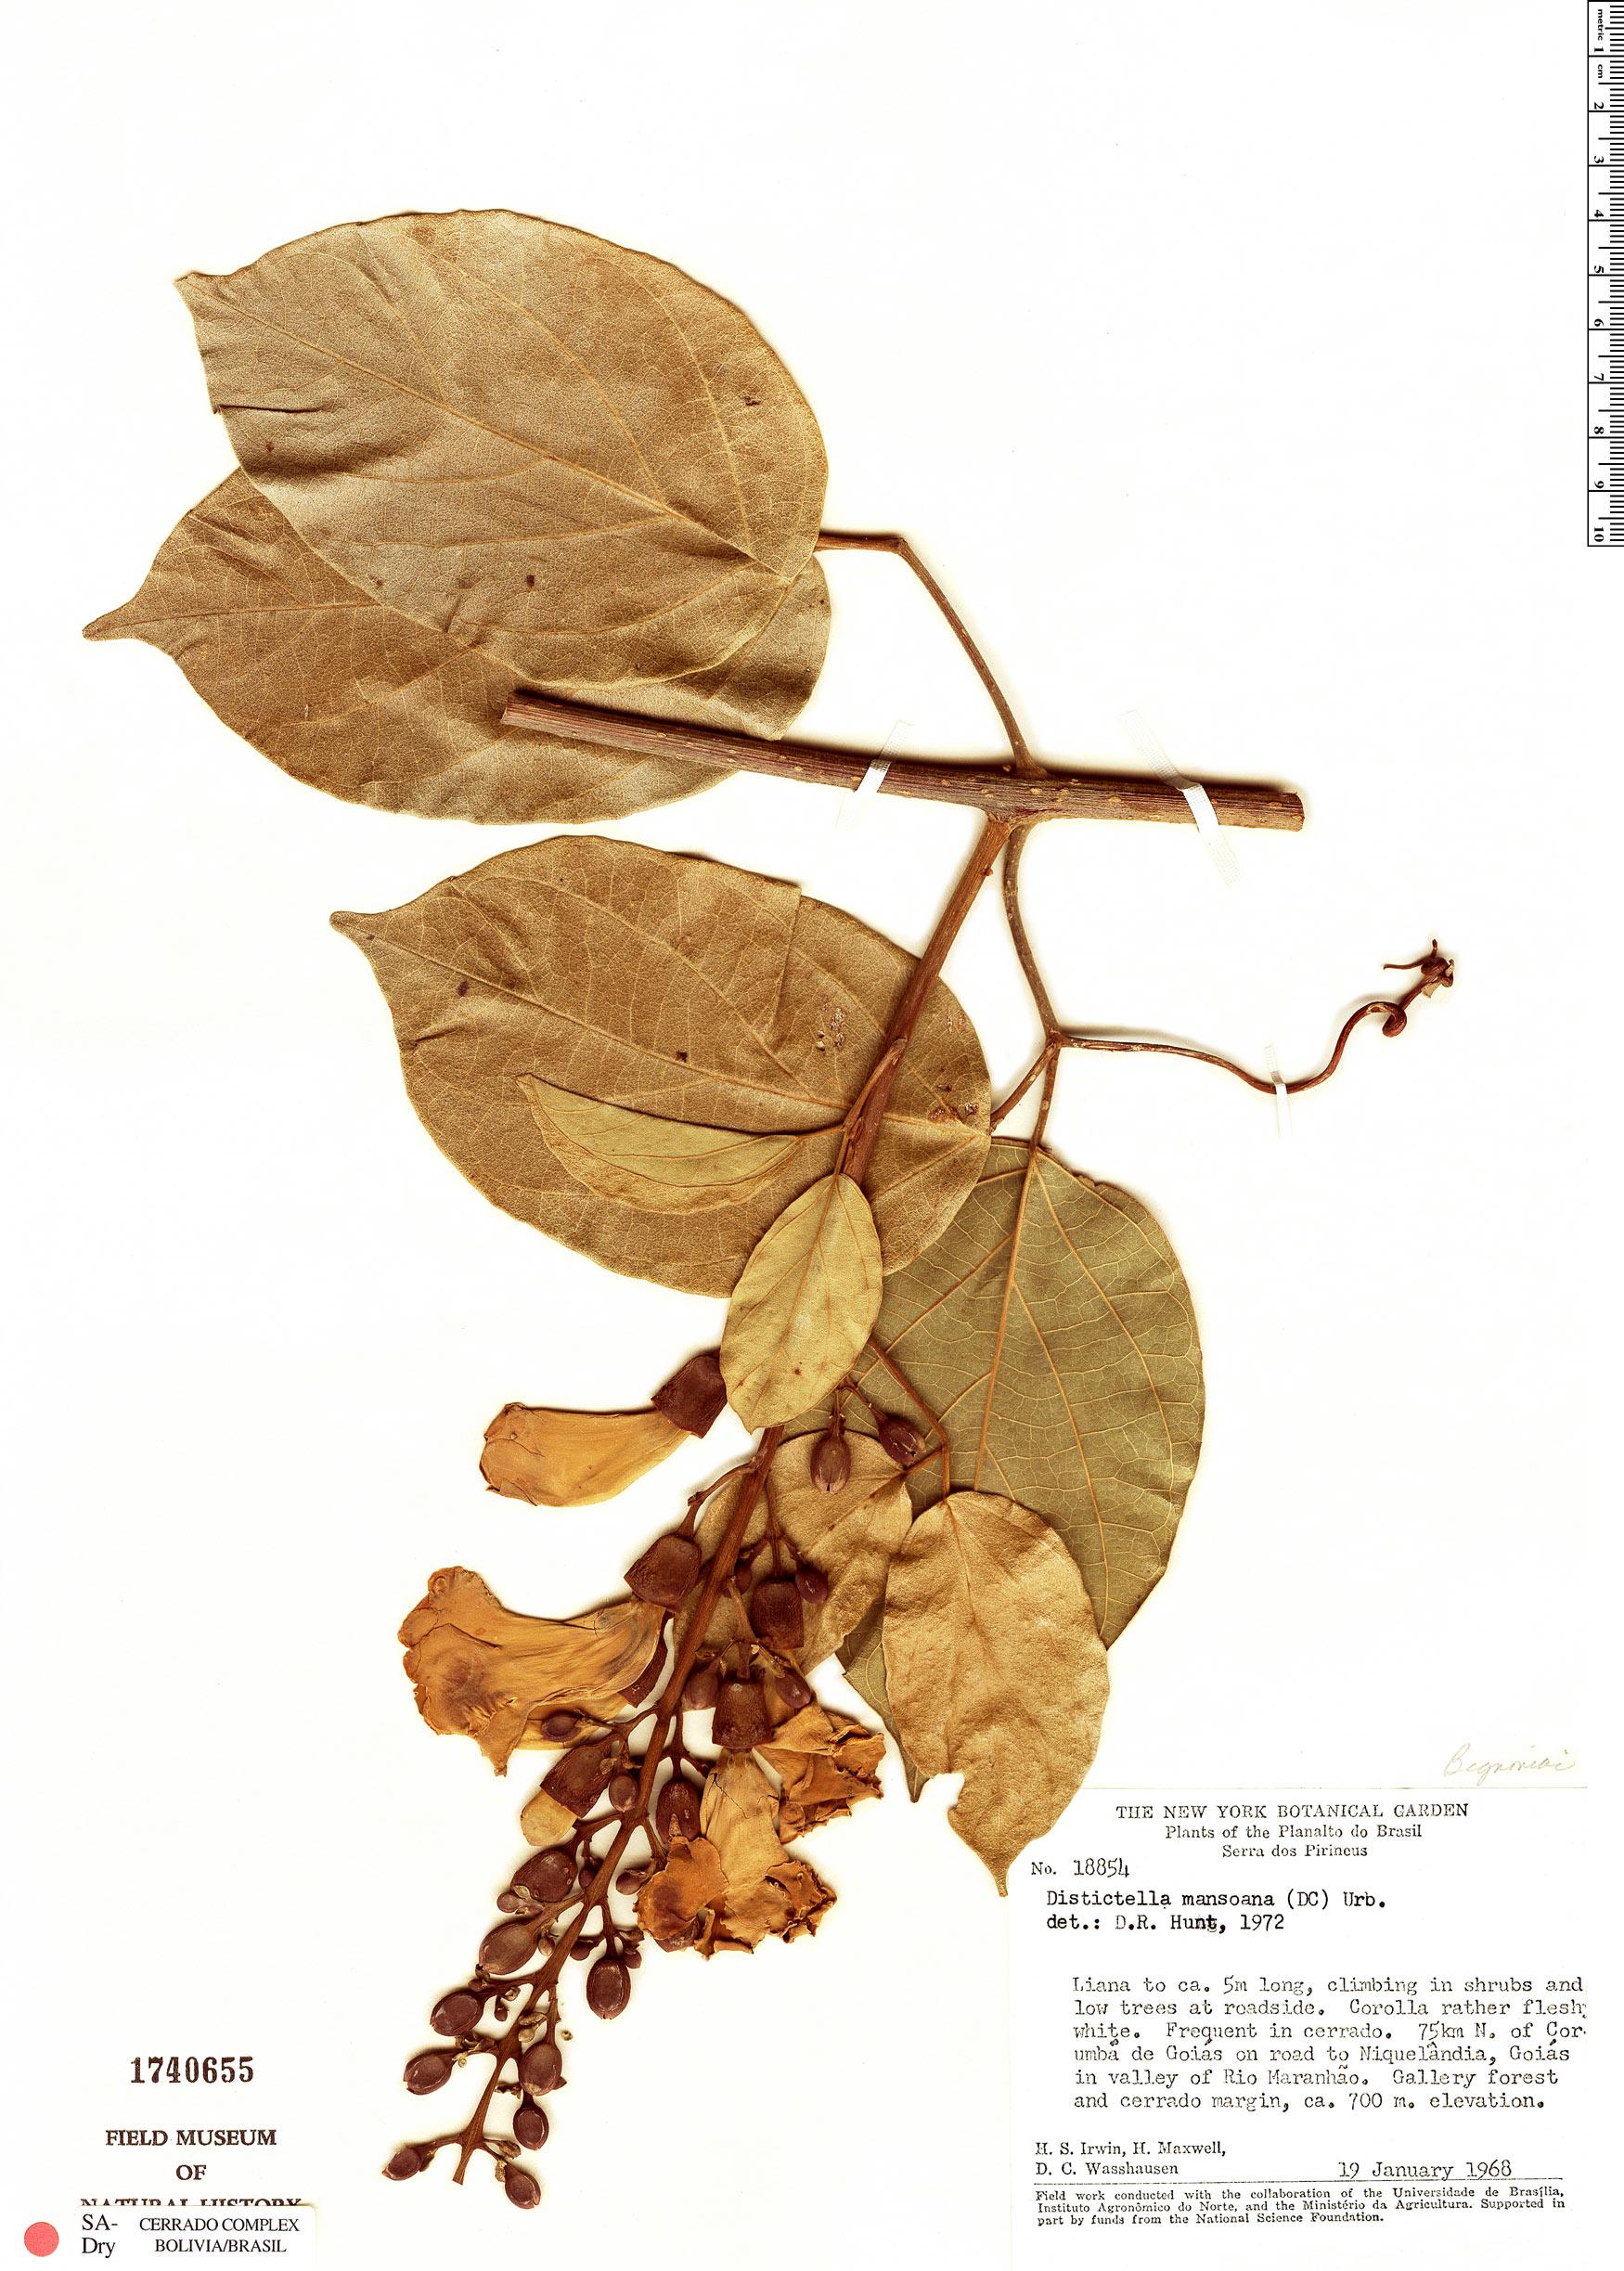 Espécimen: Amphilophium mansoanum